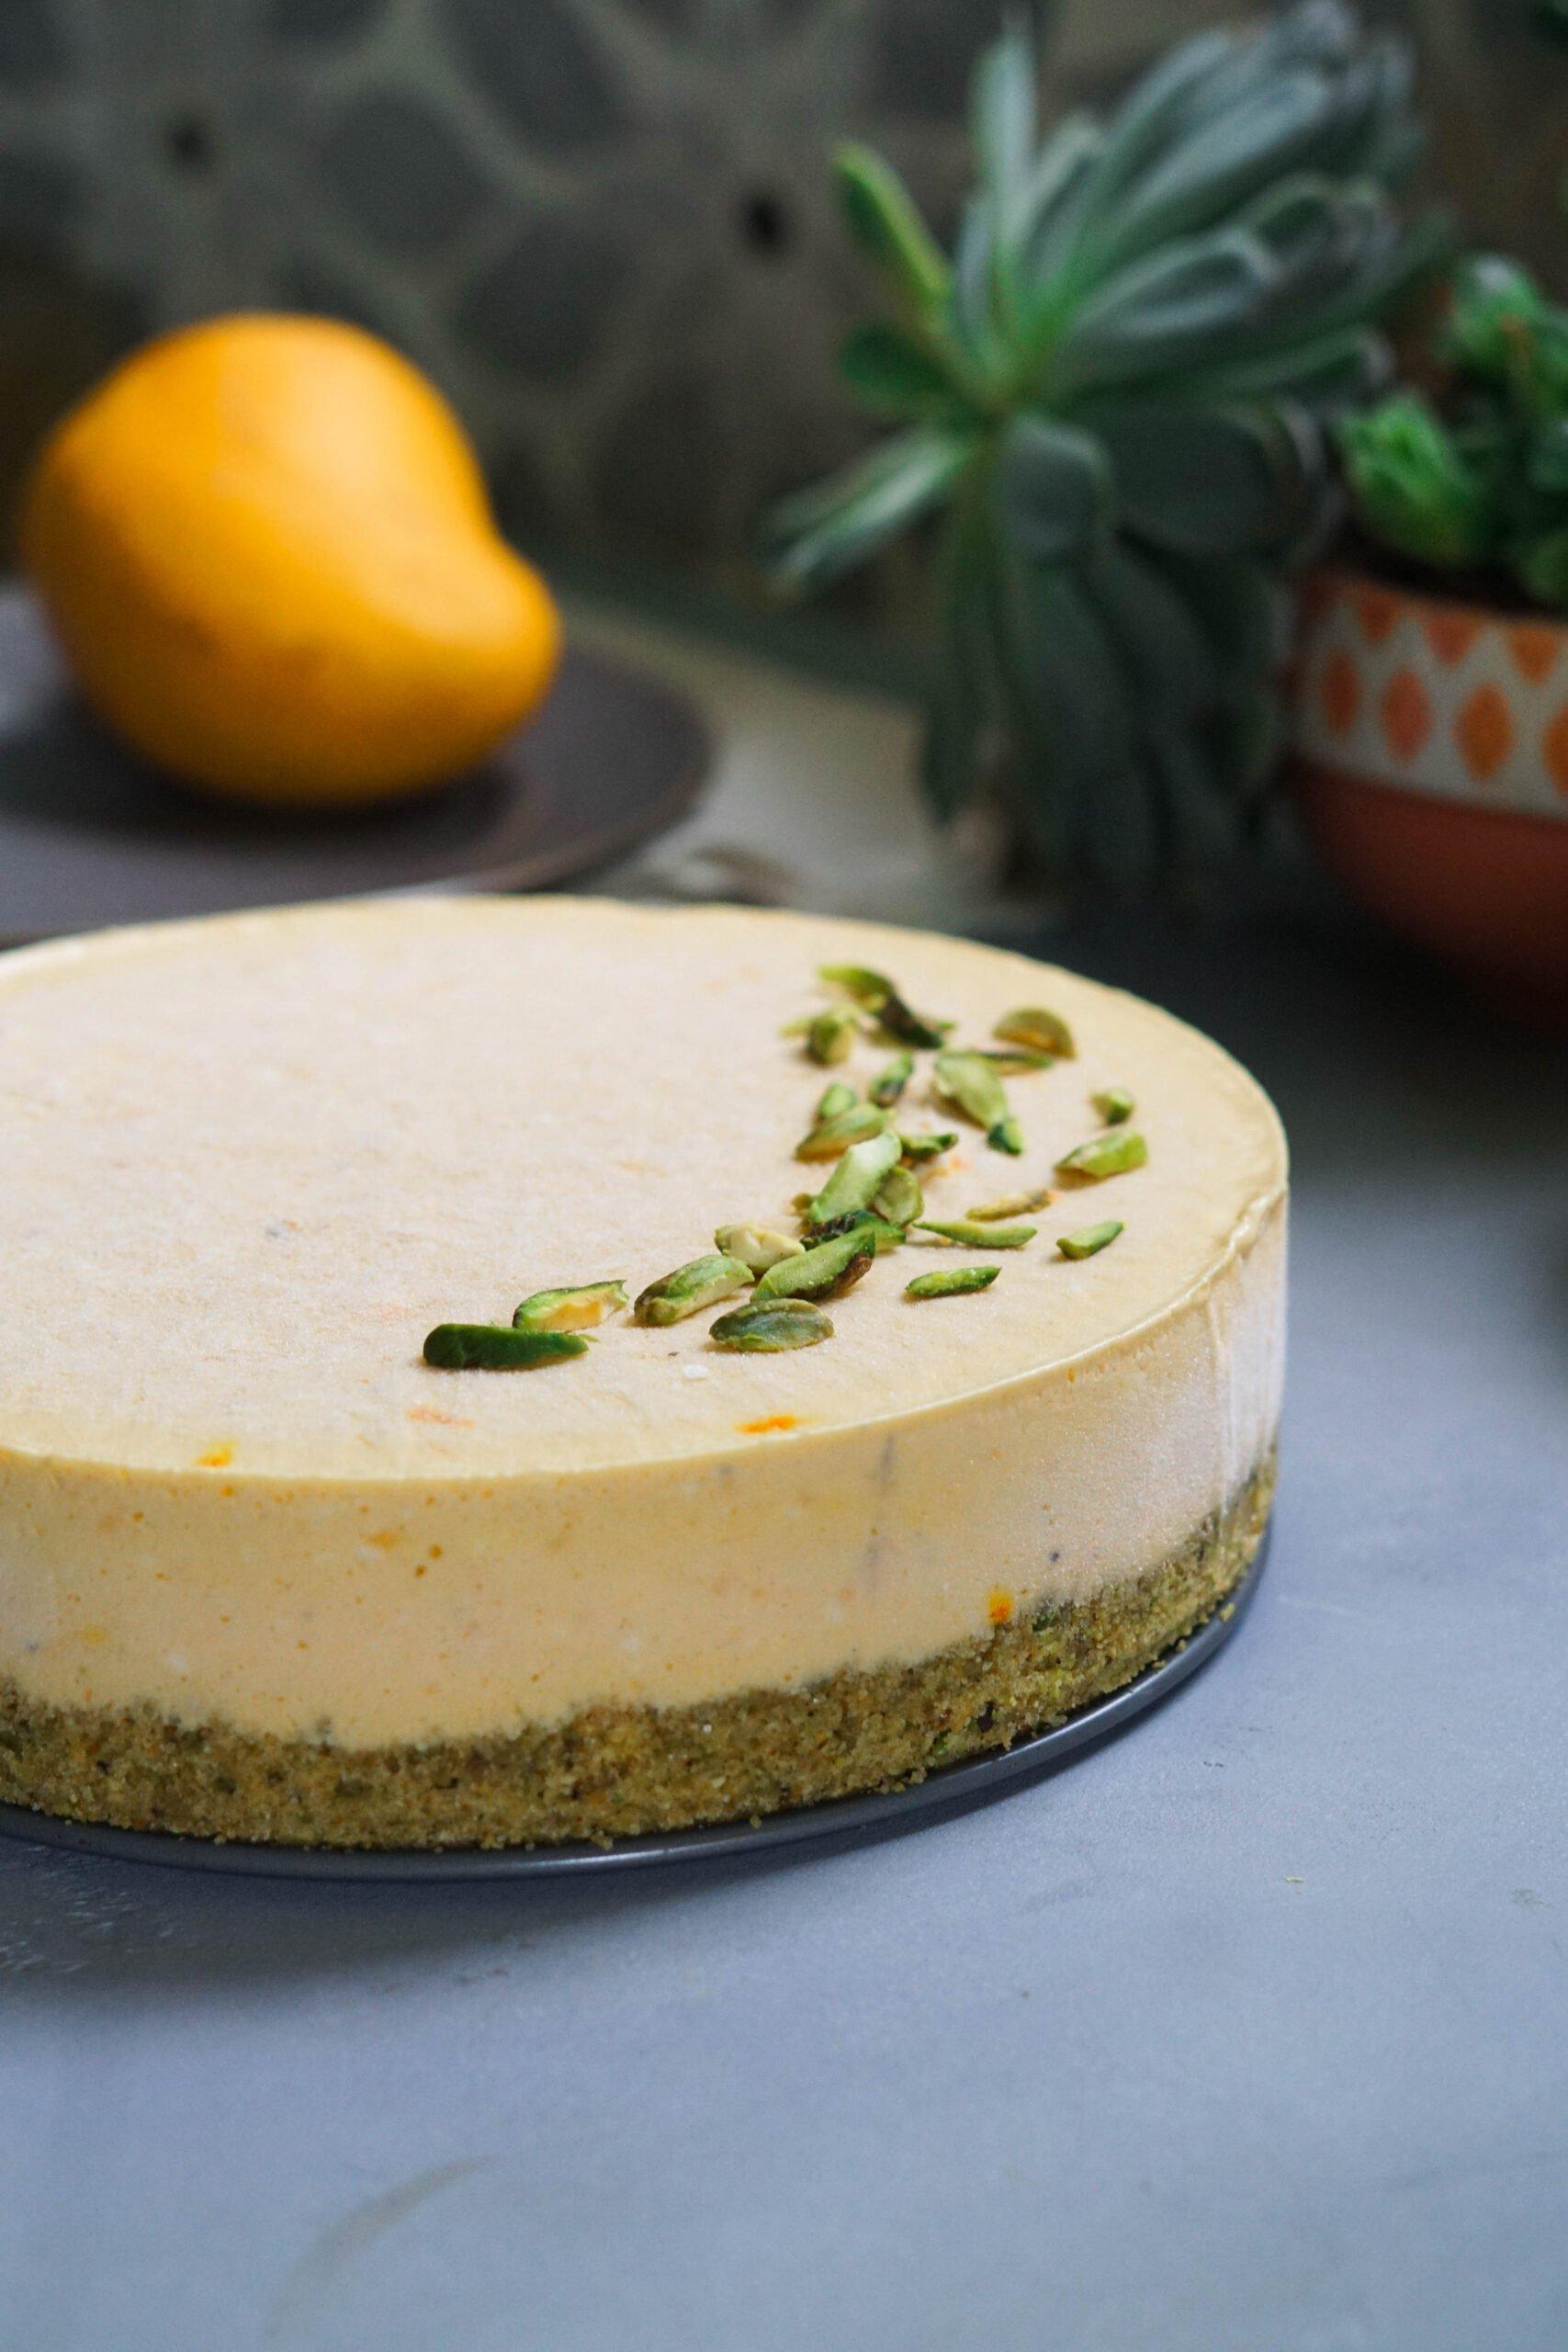 eggless mango shrikhand cheesecake with pistaschio garnish